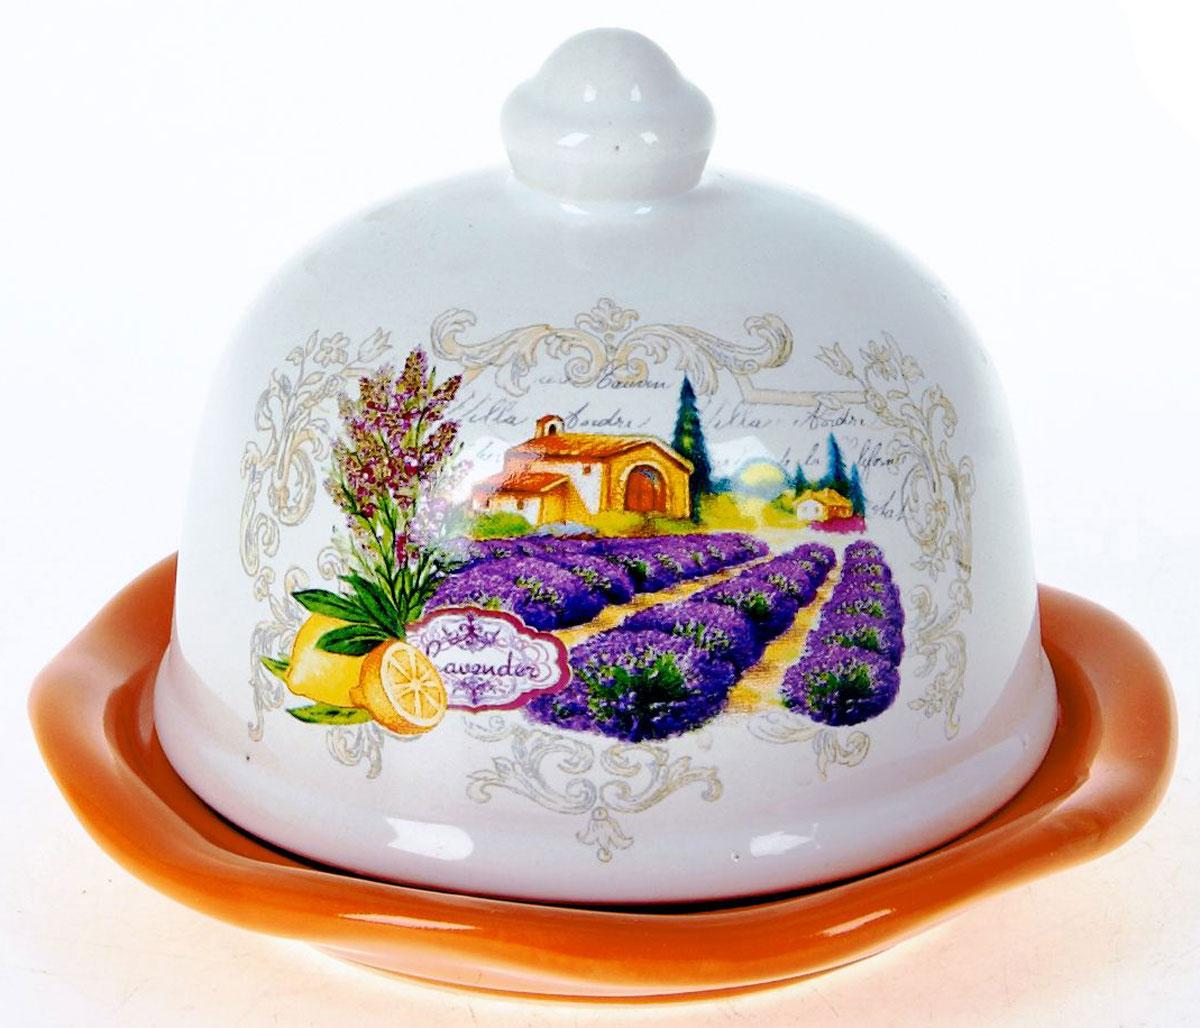 Лимонница ENS Group Прованс. L2430738L2430738Лимонница Прованс выполнена из высококачественной керамики и состоит из блюдца и крышки. Изделие украшено оригинальным узором. Лимонница Прованс доставит истинное удовольствие ценителям прекрасного и поможет сохранить свежесть лимона на длительный срок. Яркий дизайн, несомненно, придется вам по вкусу. Не рекомендуется мыть в посудомоечной машине.